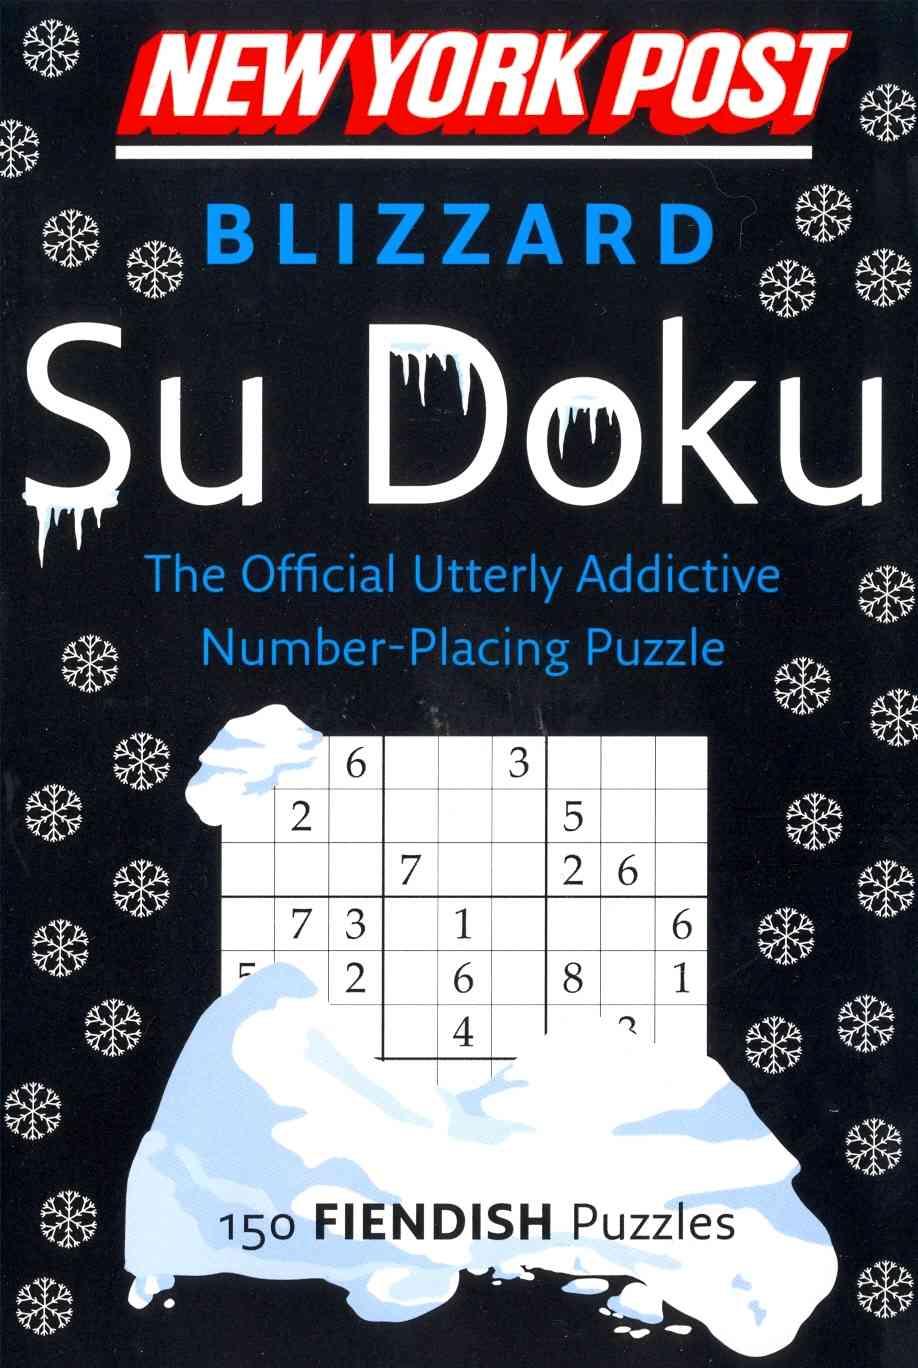 New York Post Blizzard Su Doku By Harpercollins Publishers Ltd. (COR)